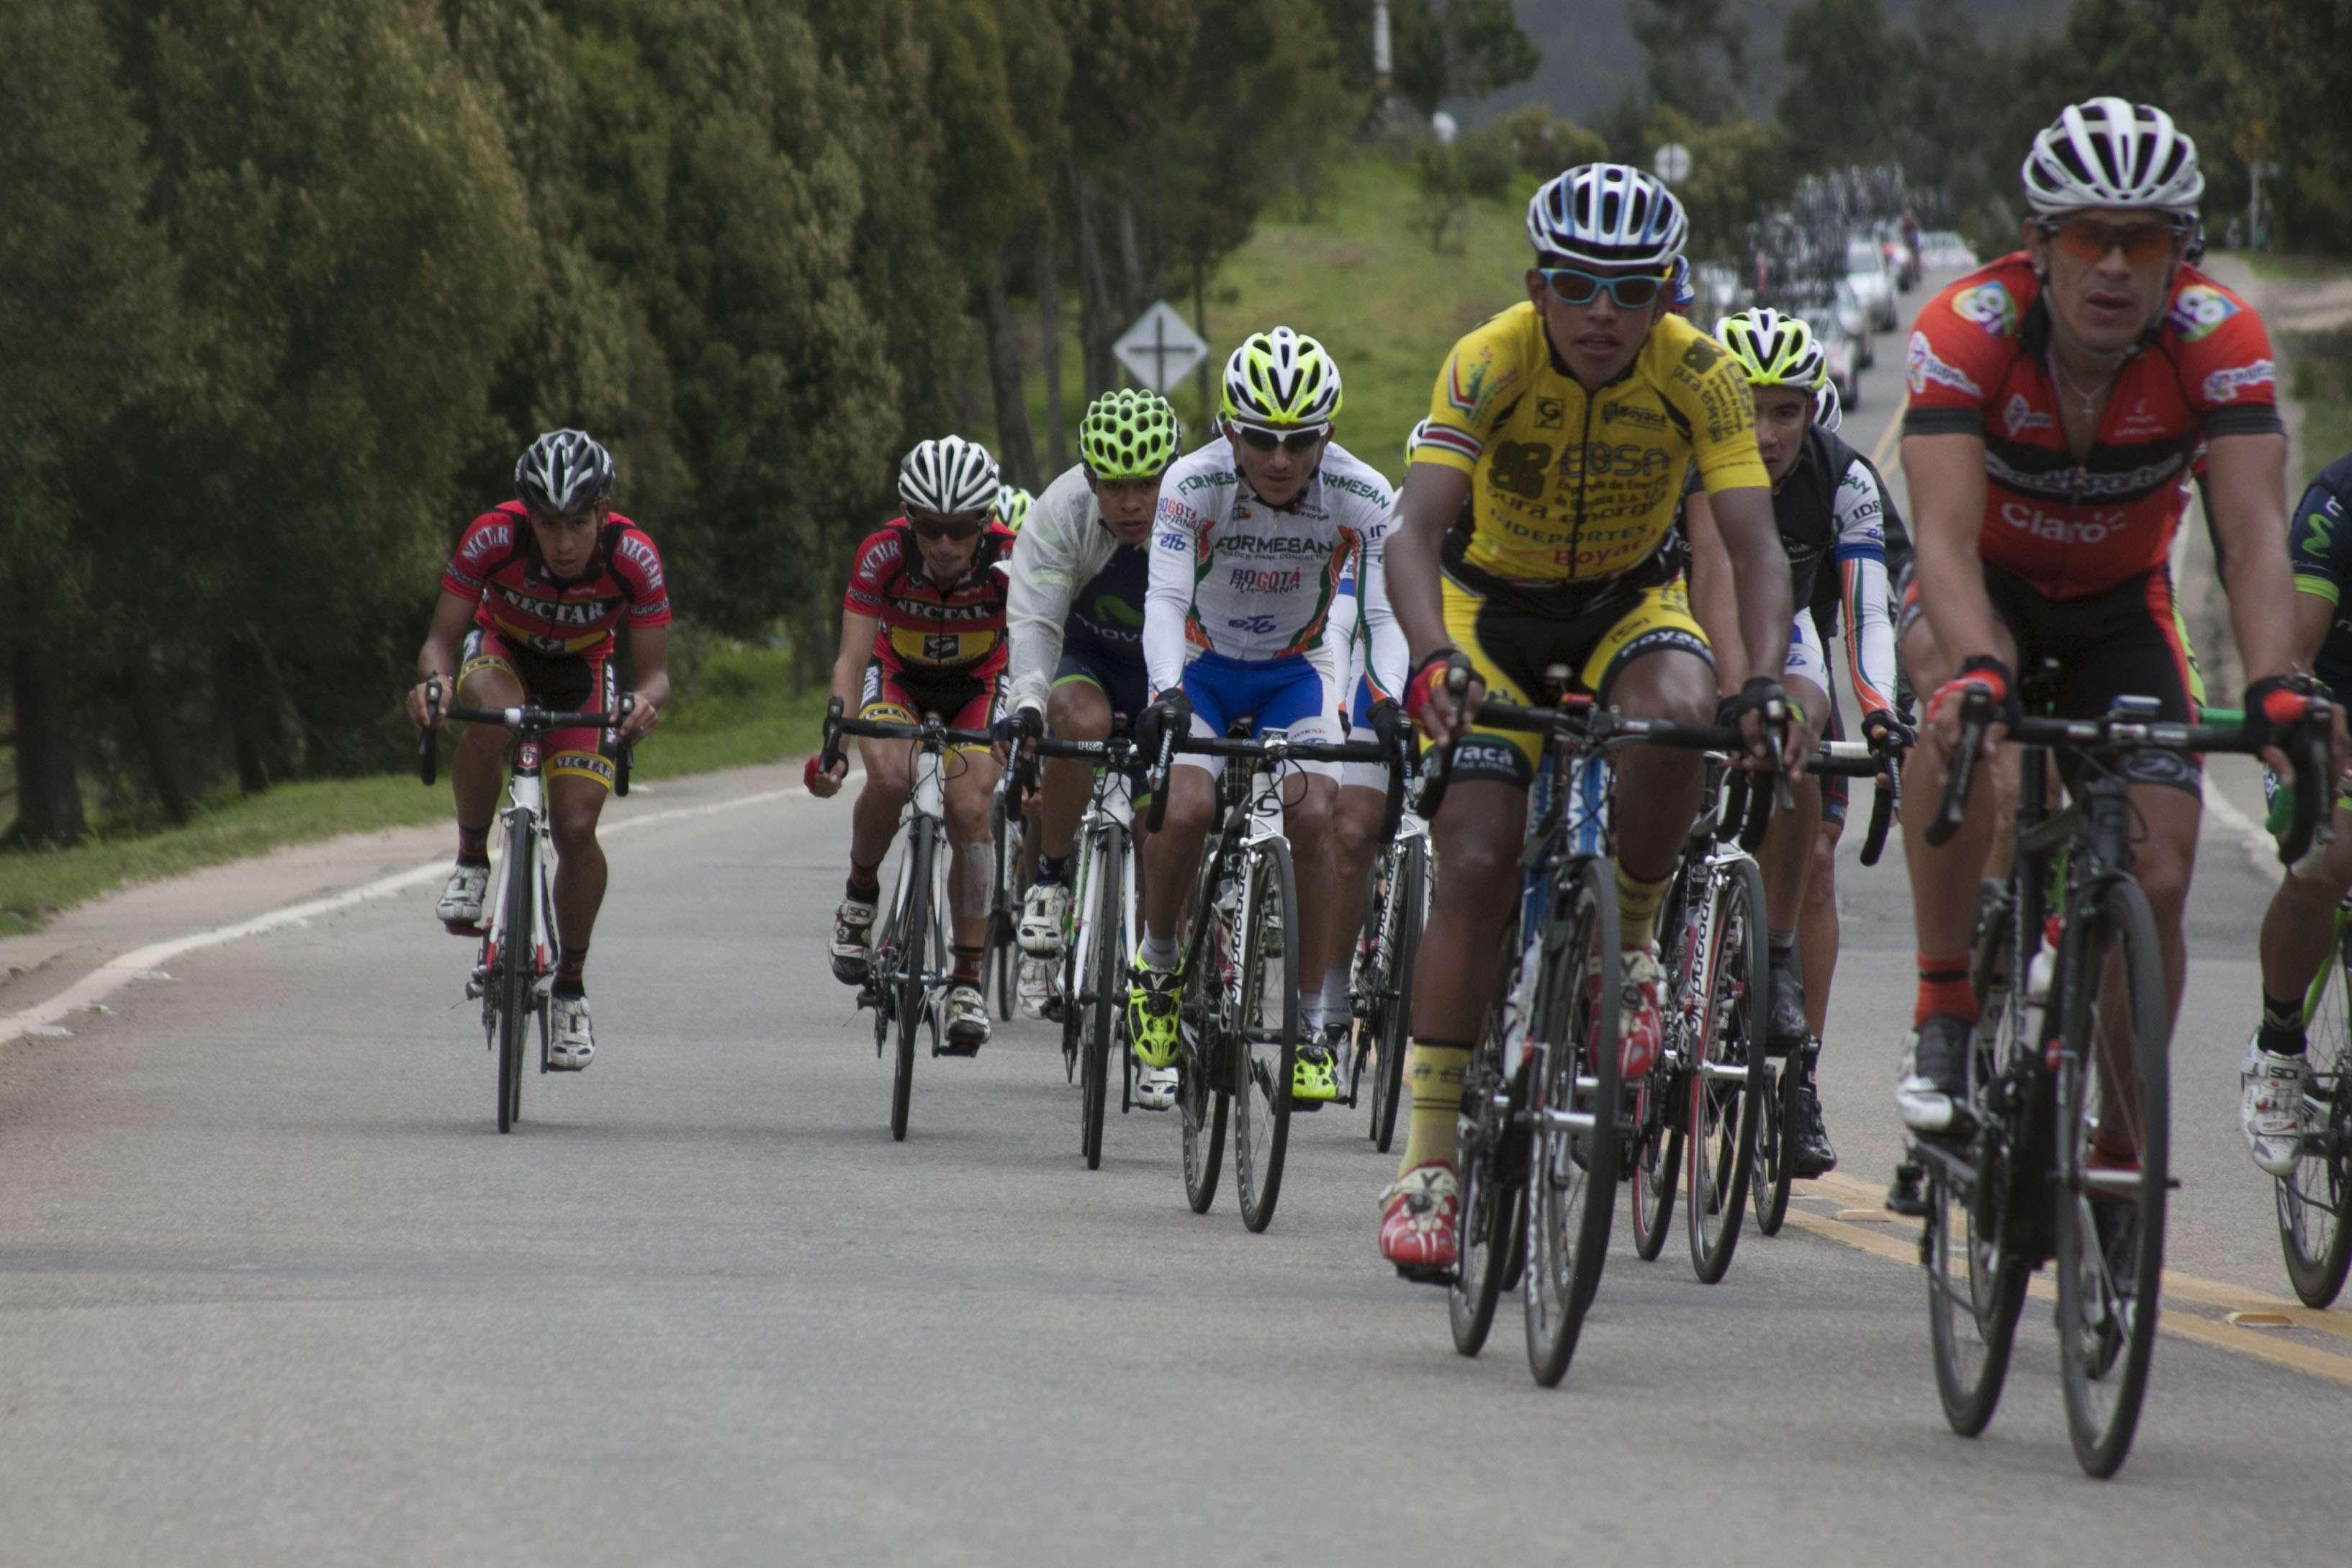 La décima etapa estuvo pasada por agua y fue una de las más difíciles por el mal estado de las carreteras. Aún así, el ecuatoriano Byron Guamá de Movistar Team América, se mantuvo en los primeros lugares del lote, luchando por llegar bien posicionado a la meta, en la que en un sprint final, pasó por encima del grupo que llegó con él y ganó su segunda etapa en la versión 63 de la competencia y consiguió su quinto triunfo en vueltas a Colombia Foto: Julián Carvajal/Terra